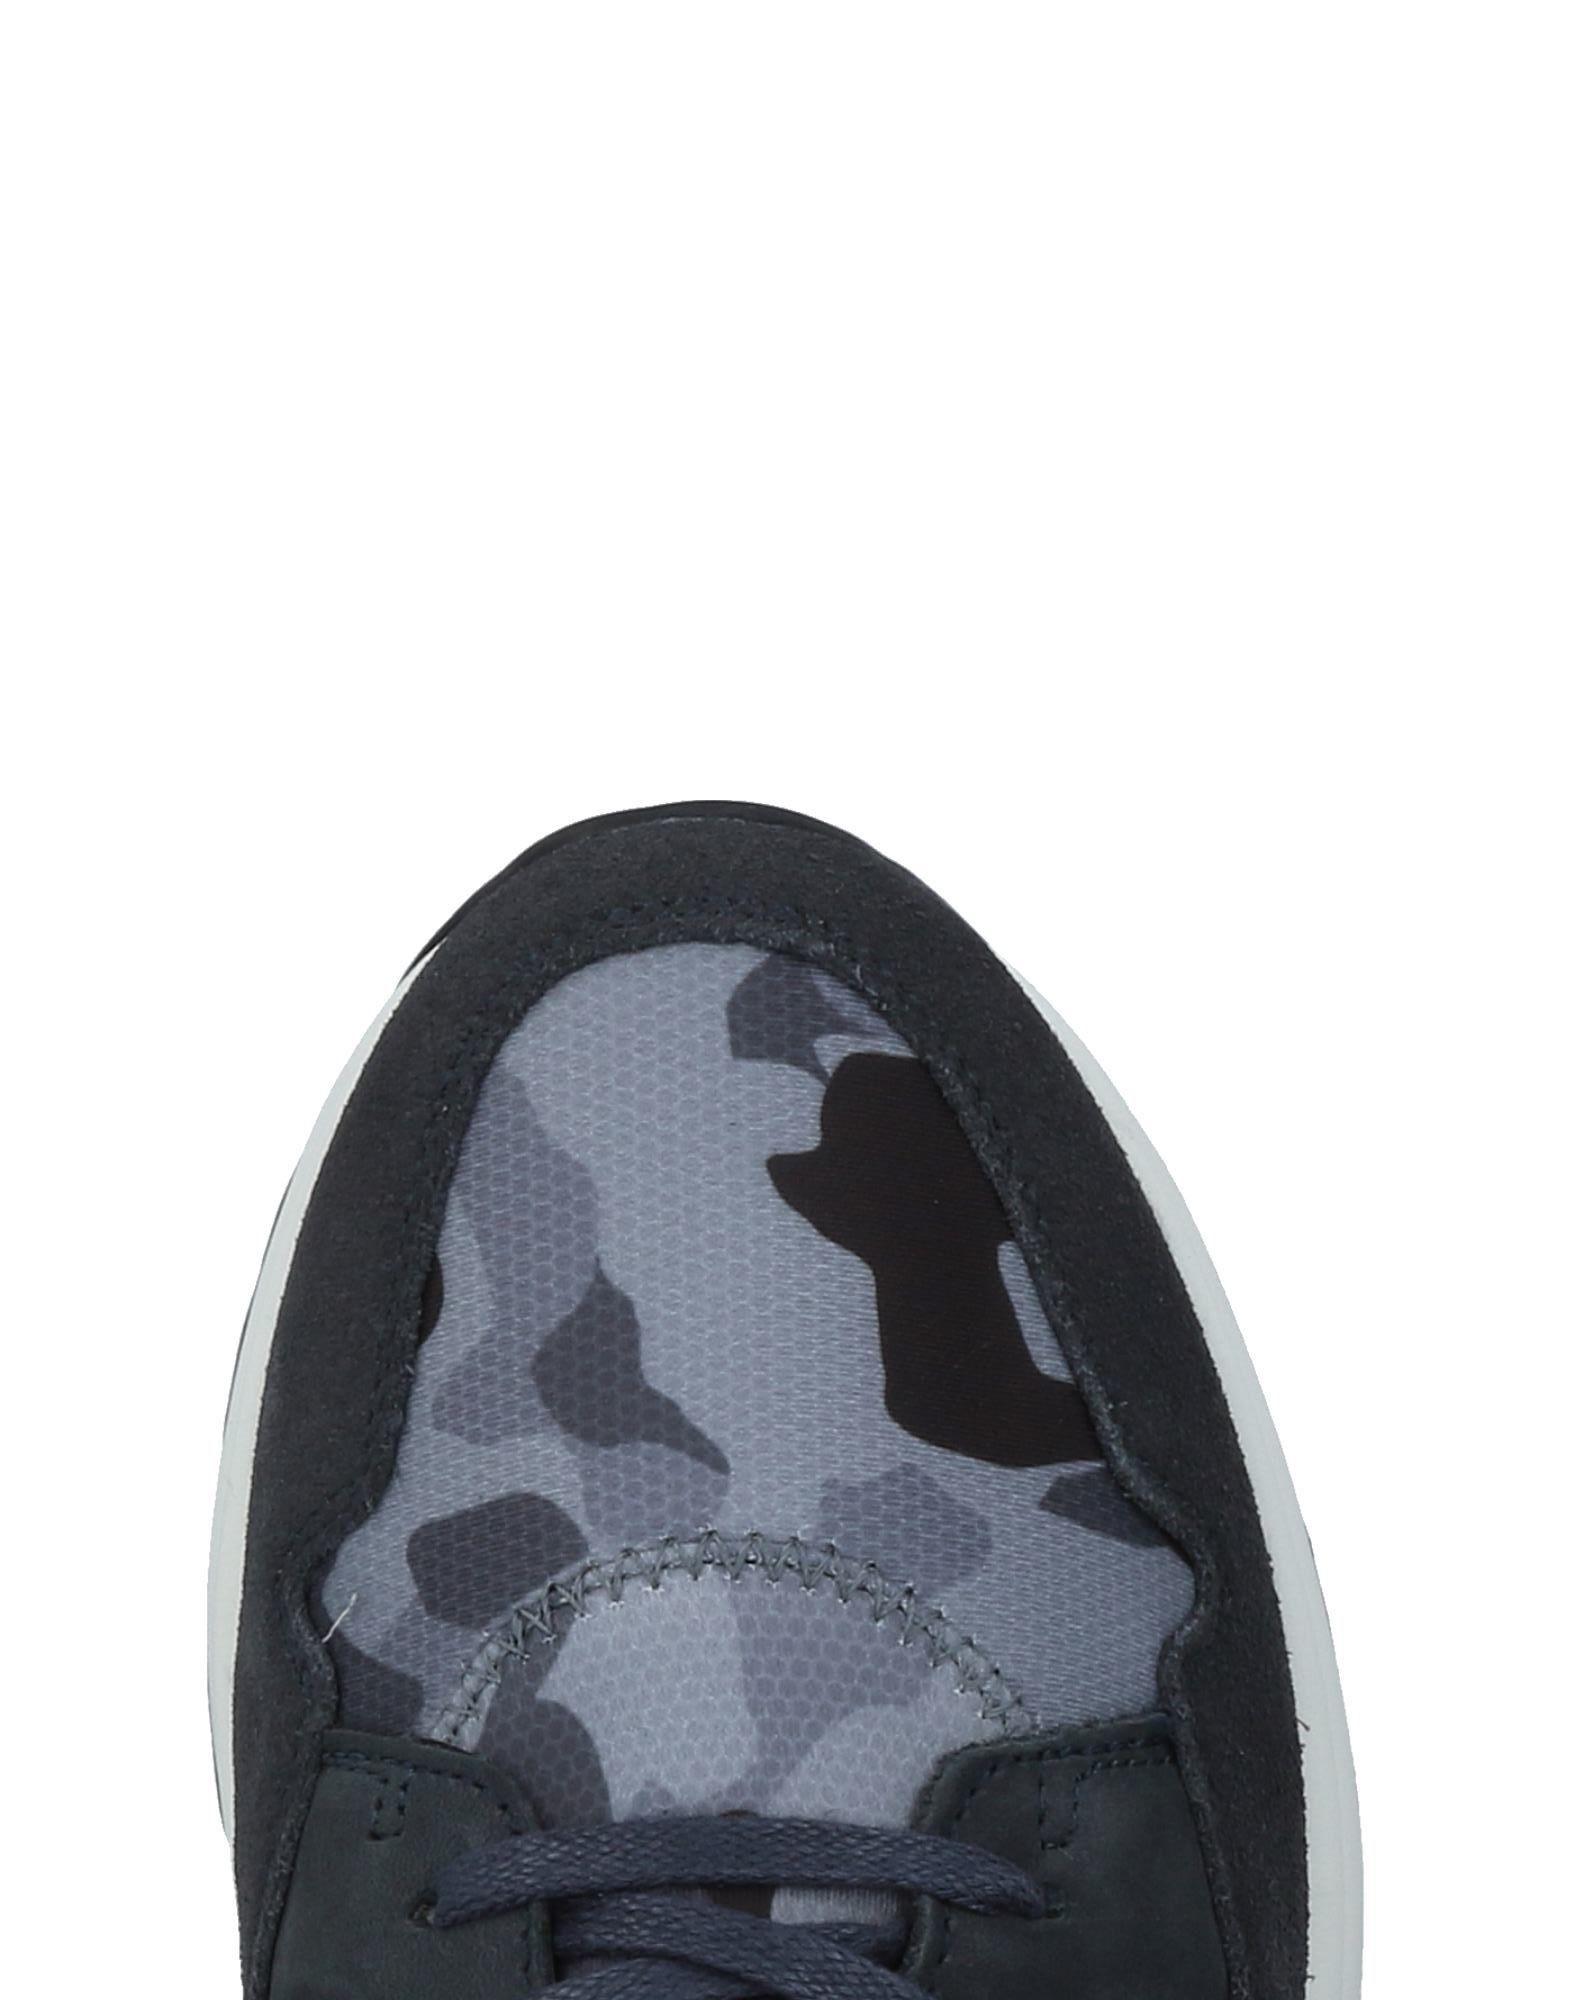 Replay  Sneakers Herren  Replay 11494570LH Heiße Schuhe 985c2c